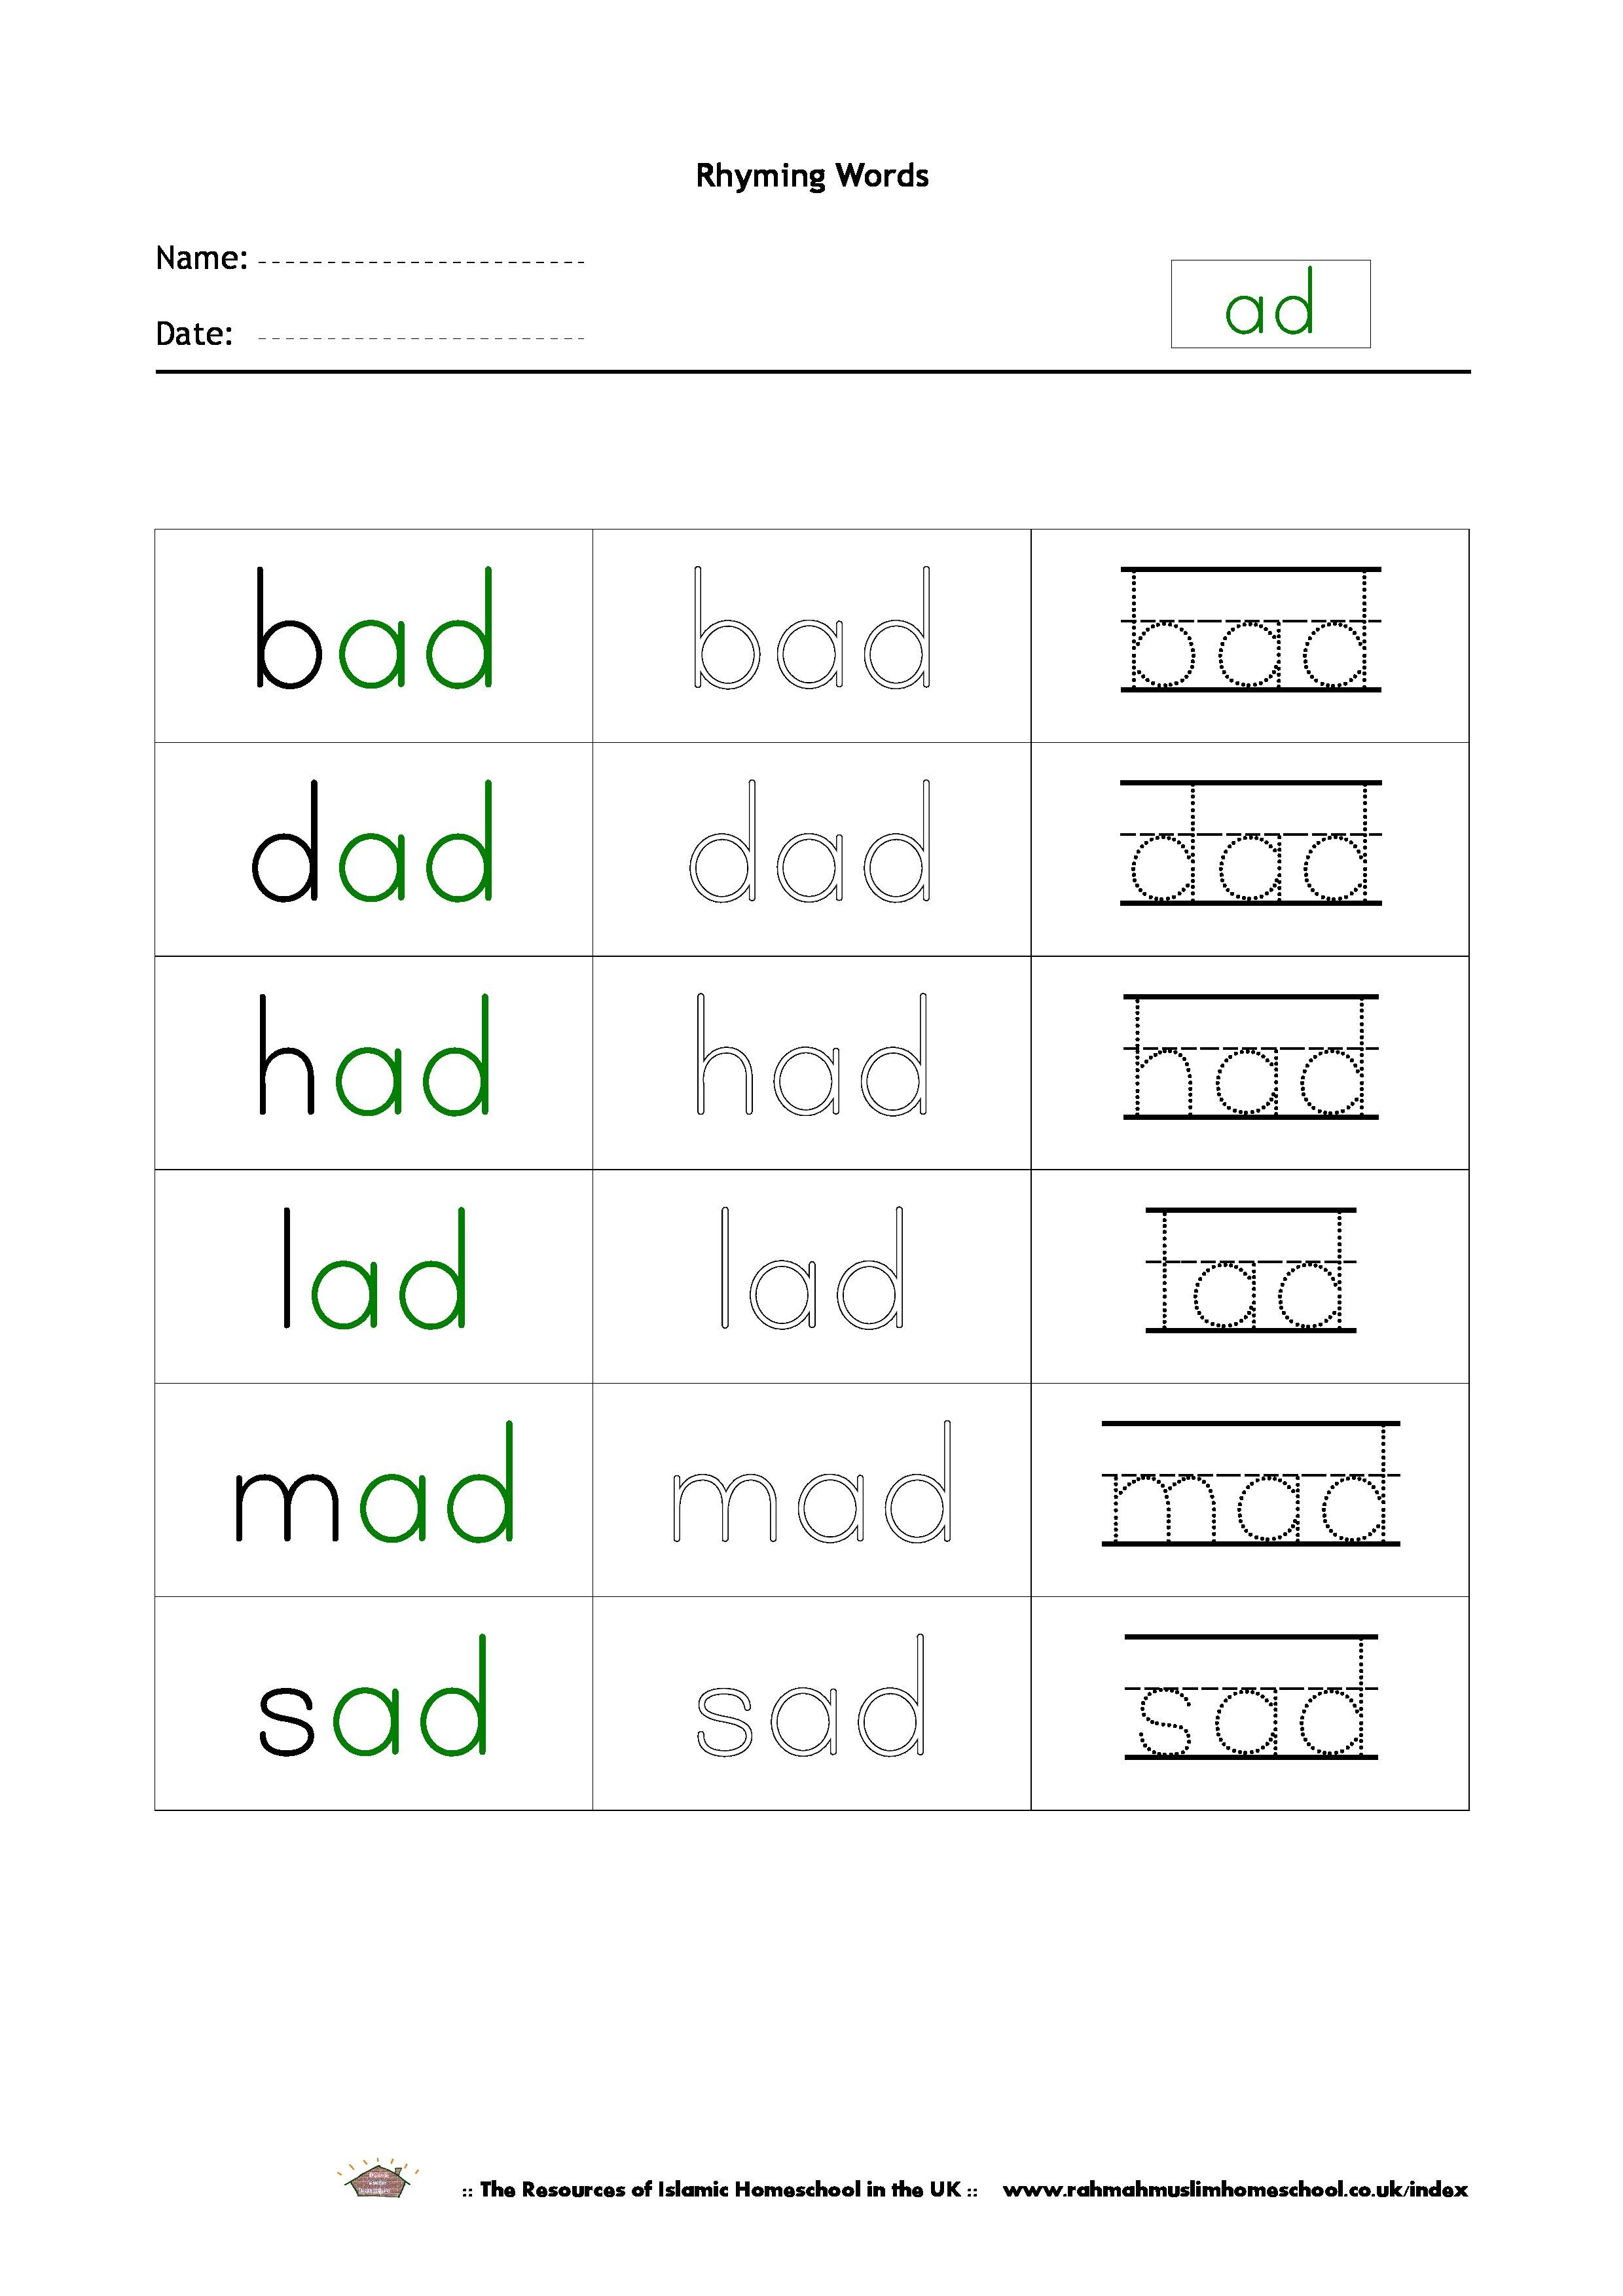 Free Printable Rhyming Words